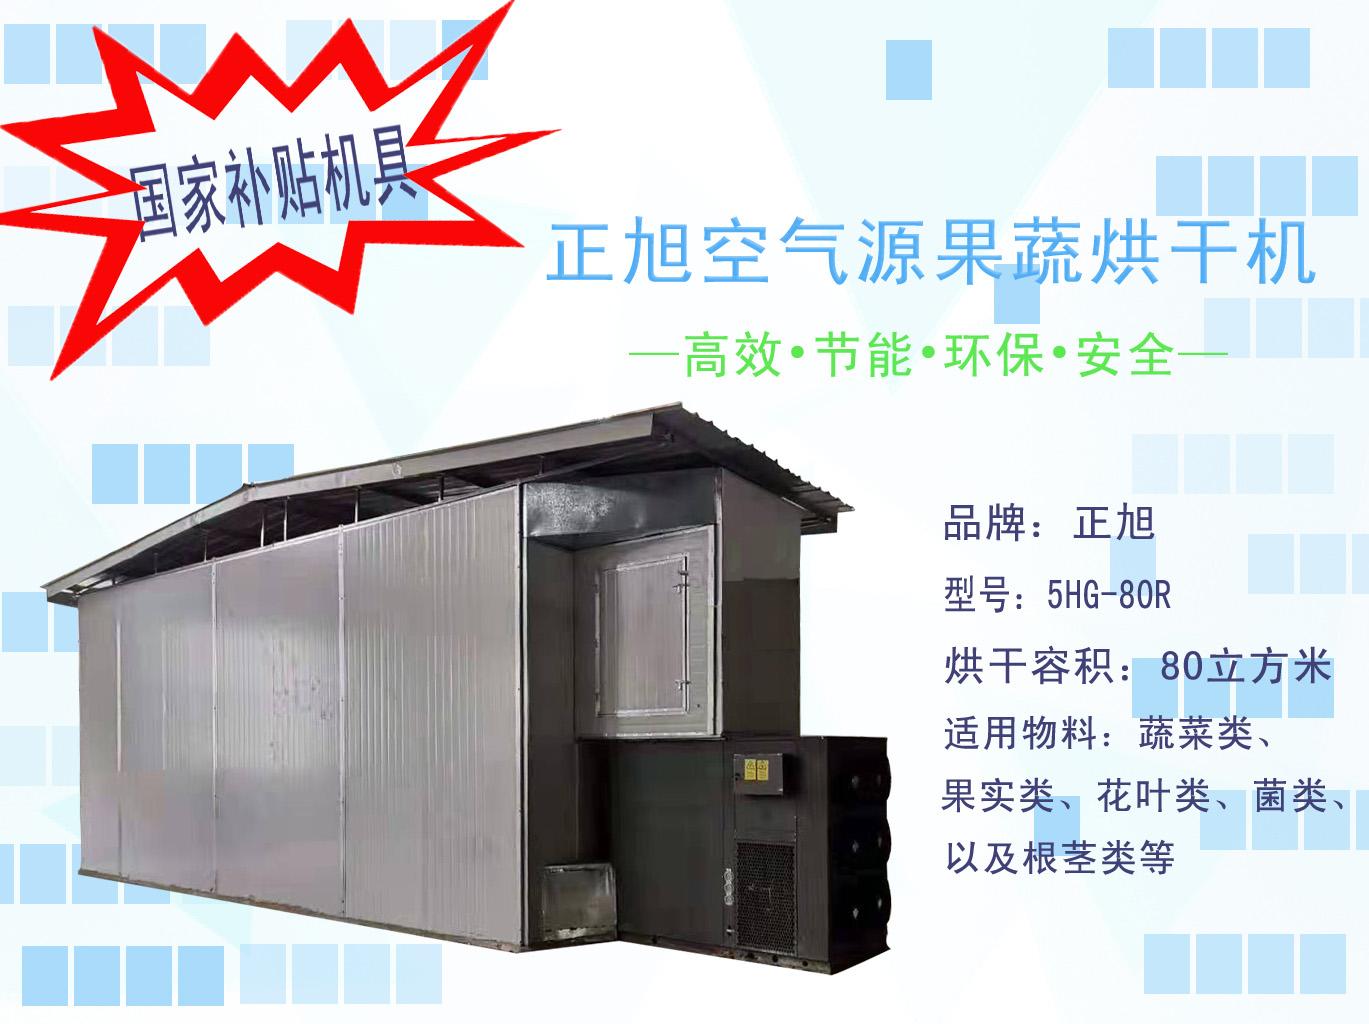 正旭5HG-80R果蔬烘干机已入全国农机补贴目录